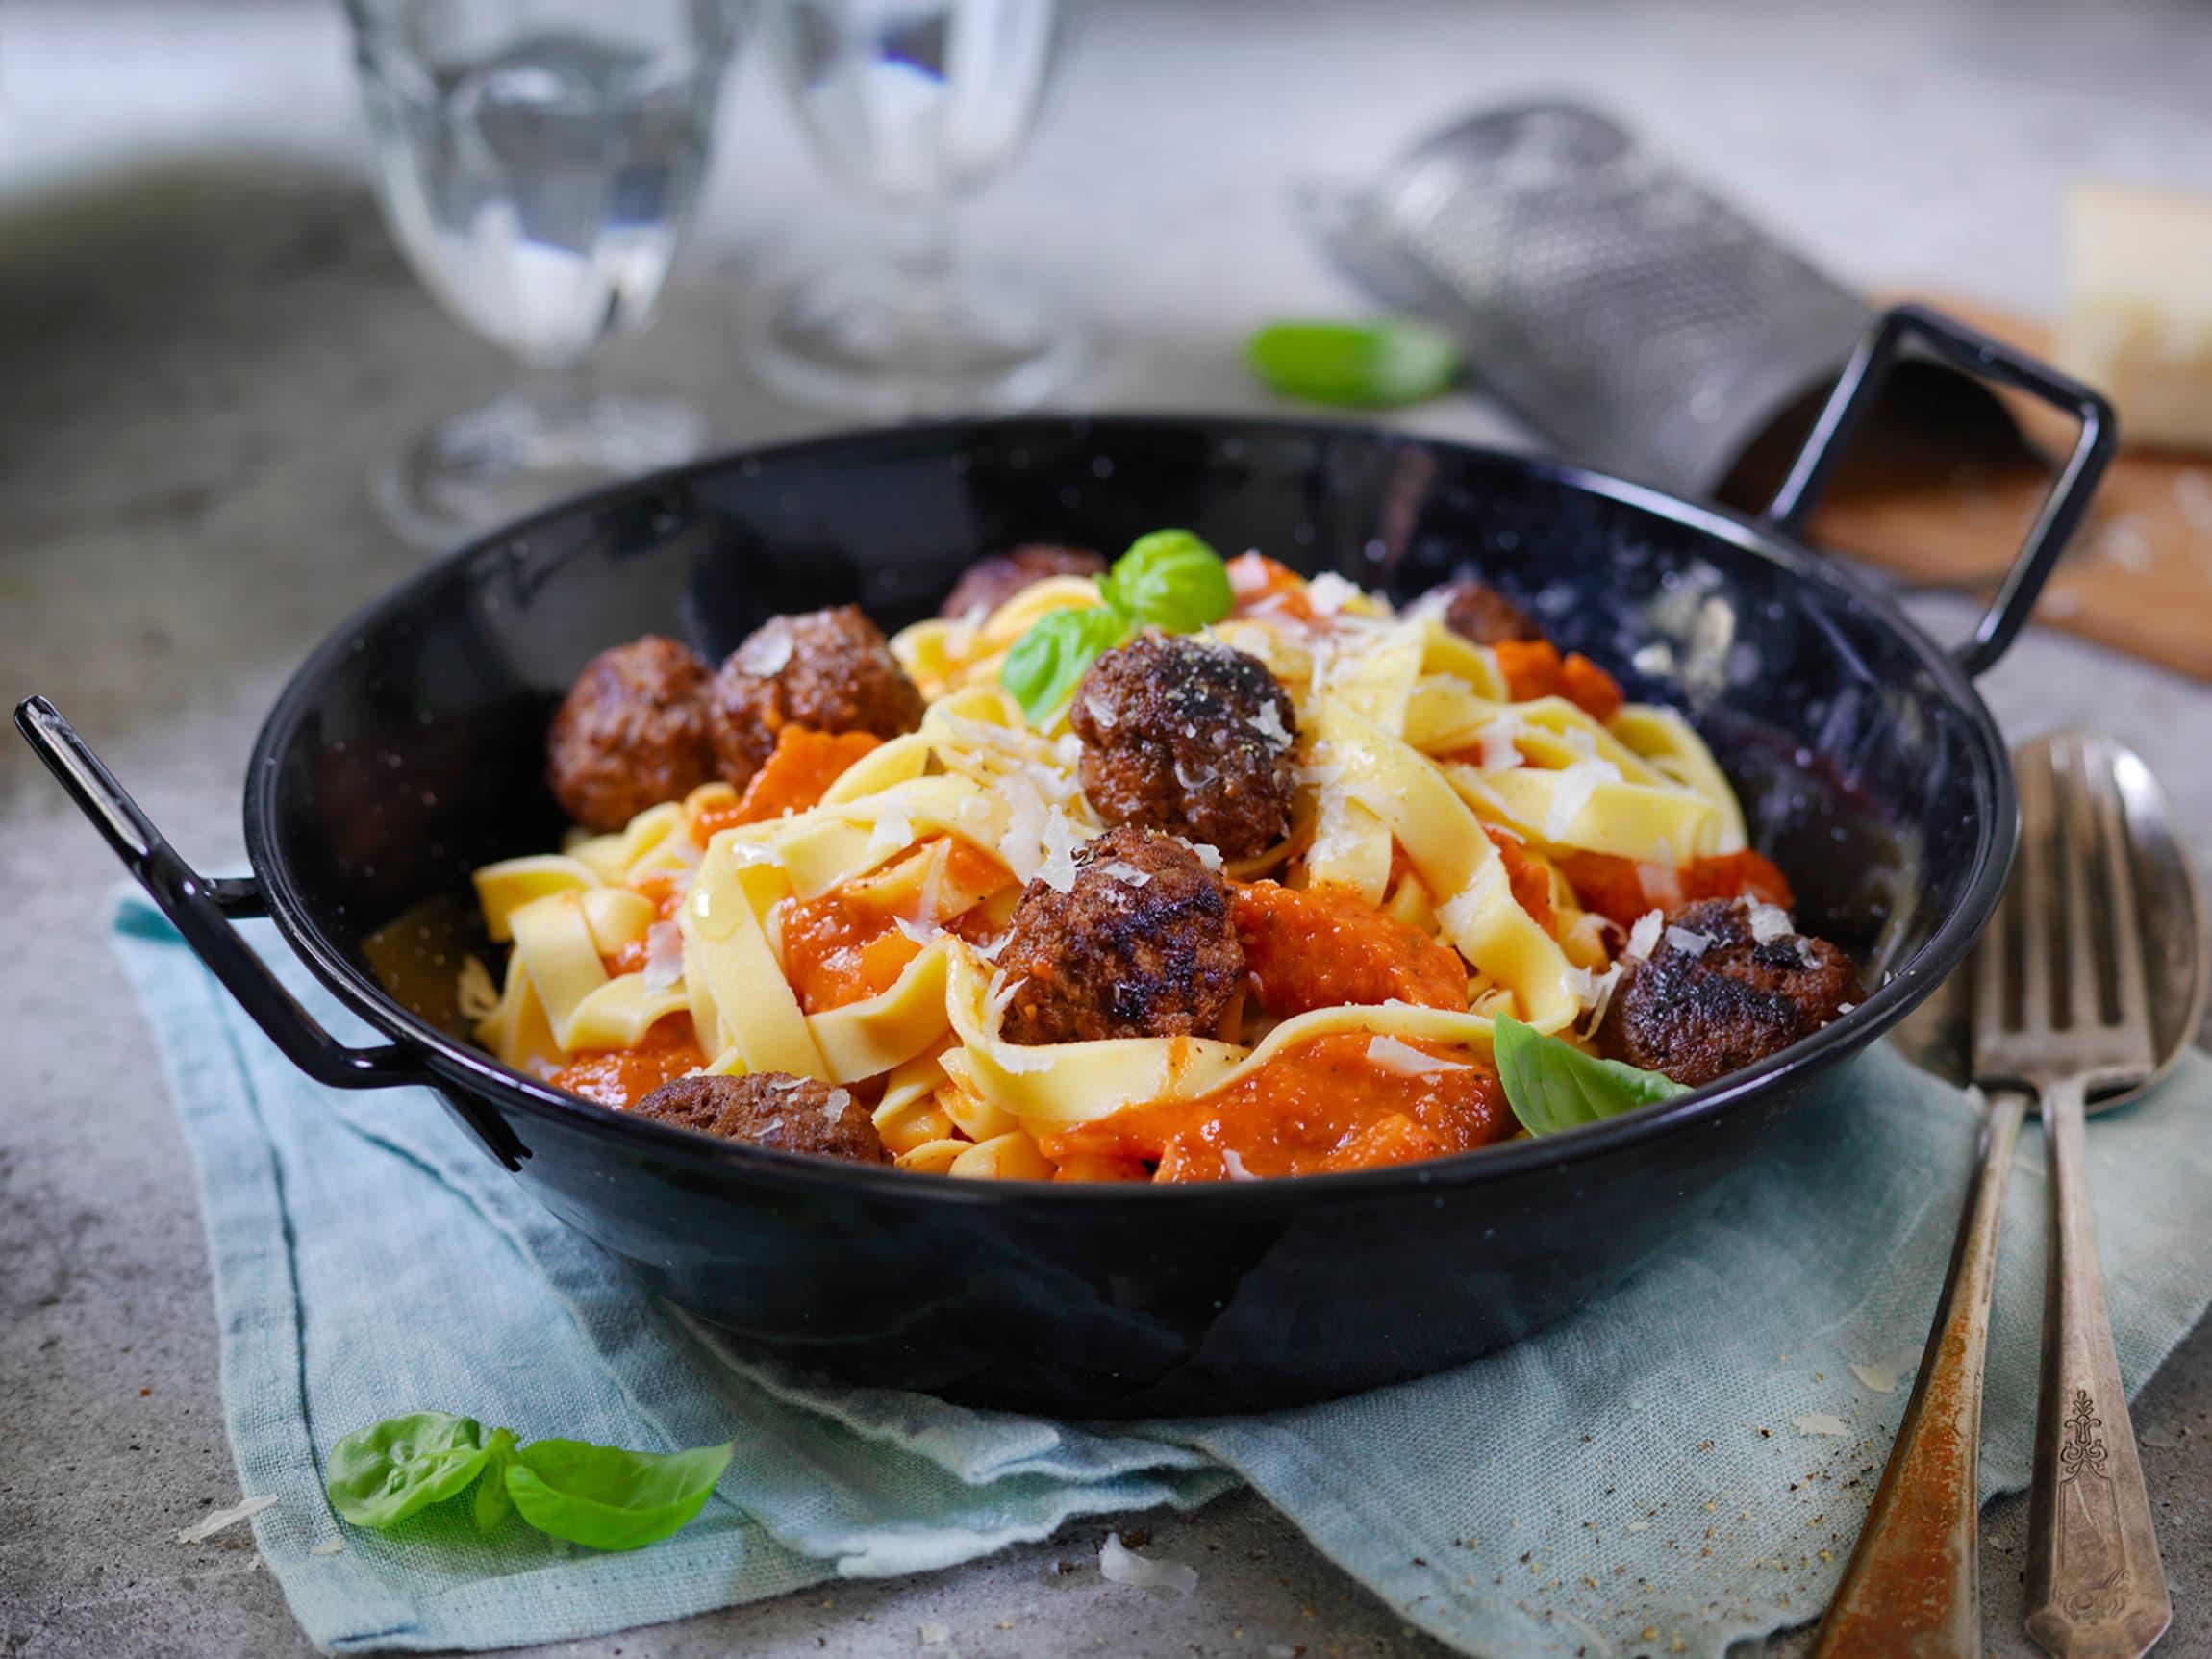 Litt basilikum og parmesan på toppen hever smaken på denne middagen med pasta og kjøttboller i tomatsaus.